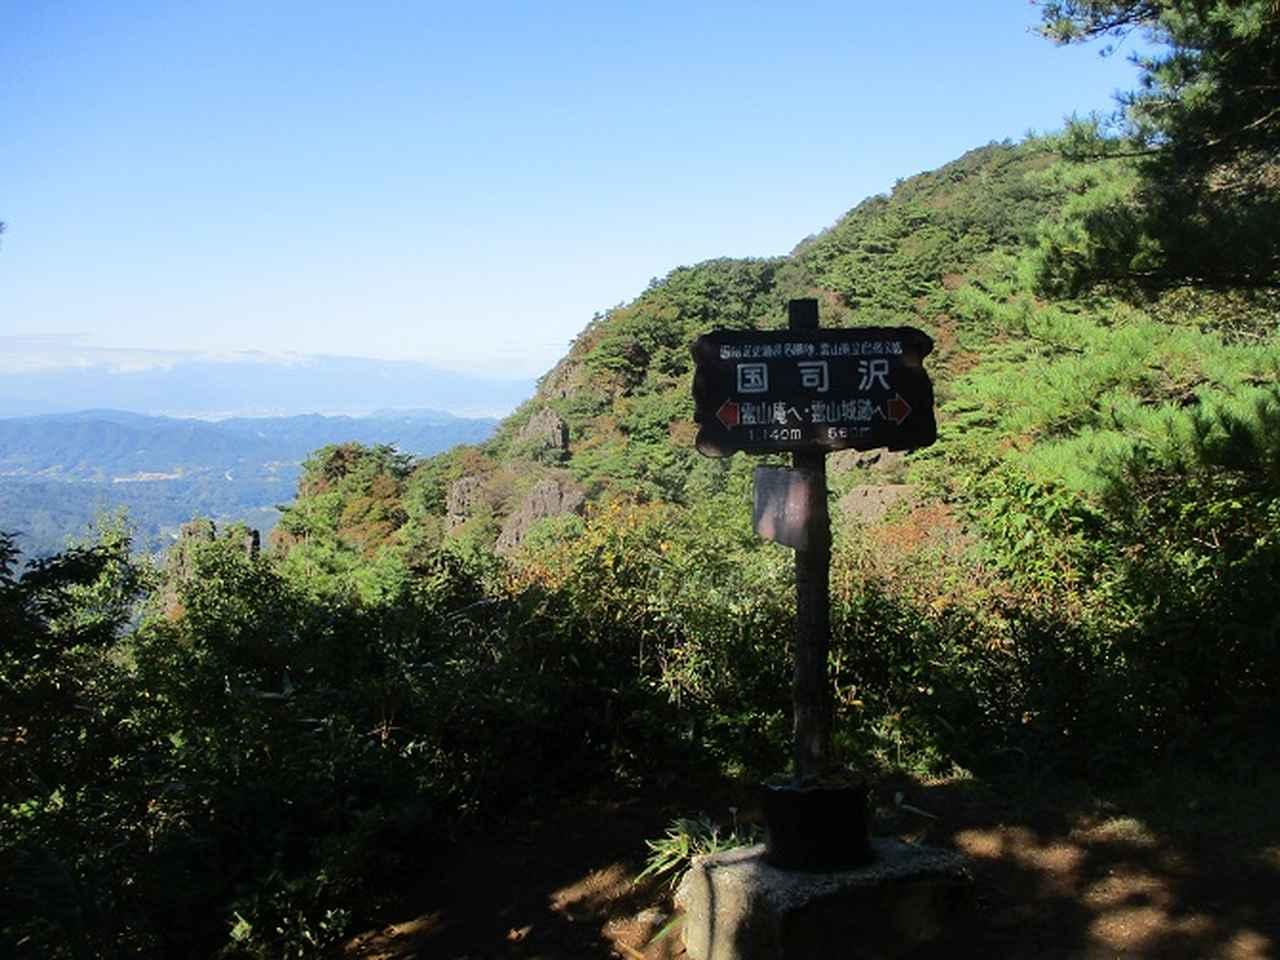 画像4: 11月の山旅会少人数ツアー 「霊山(りょうぜん)」 の下見にいってきました!